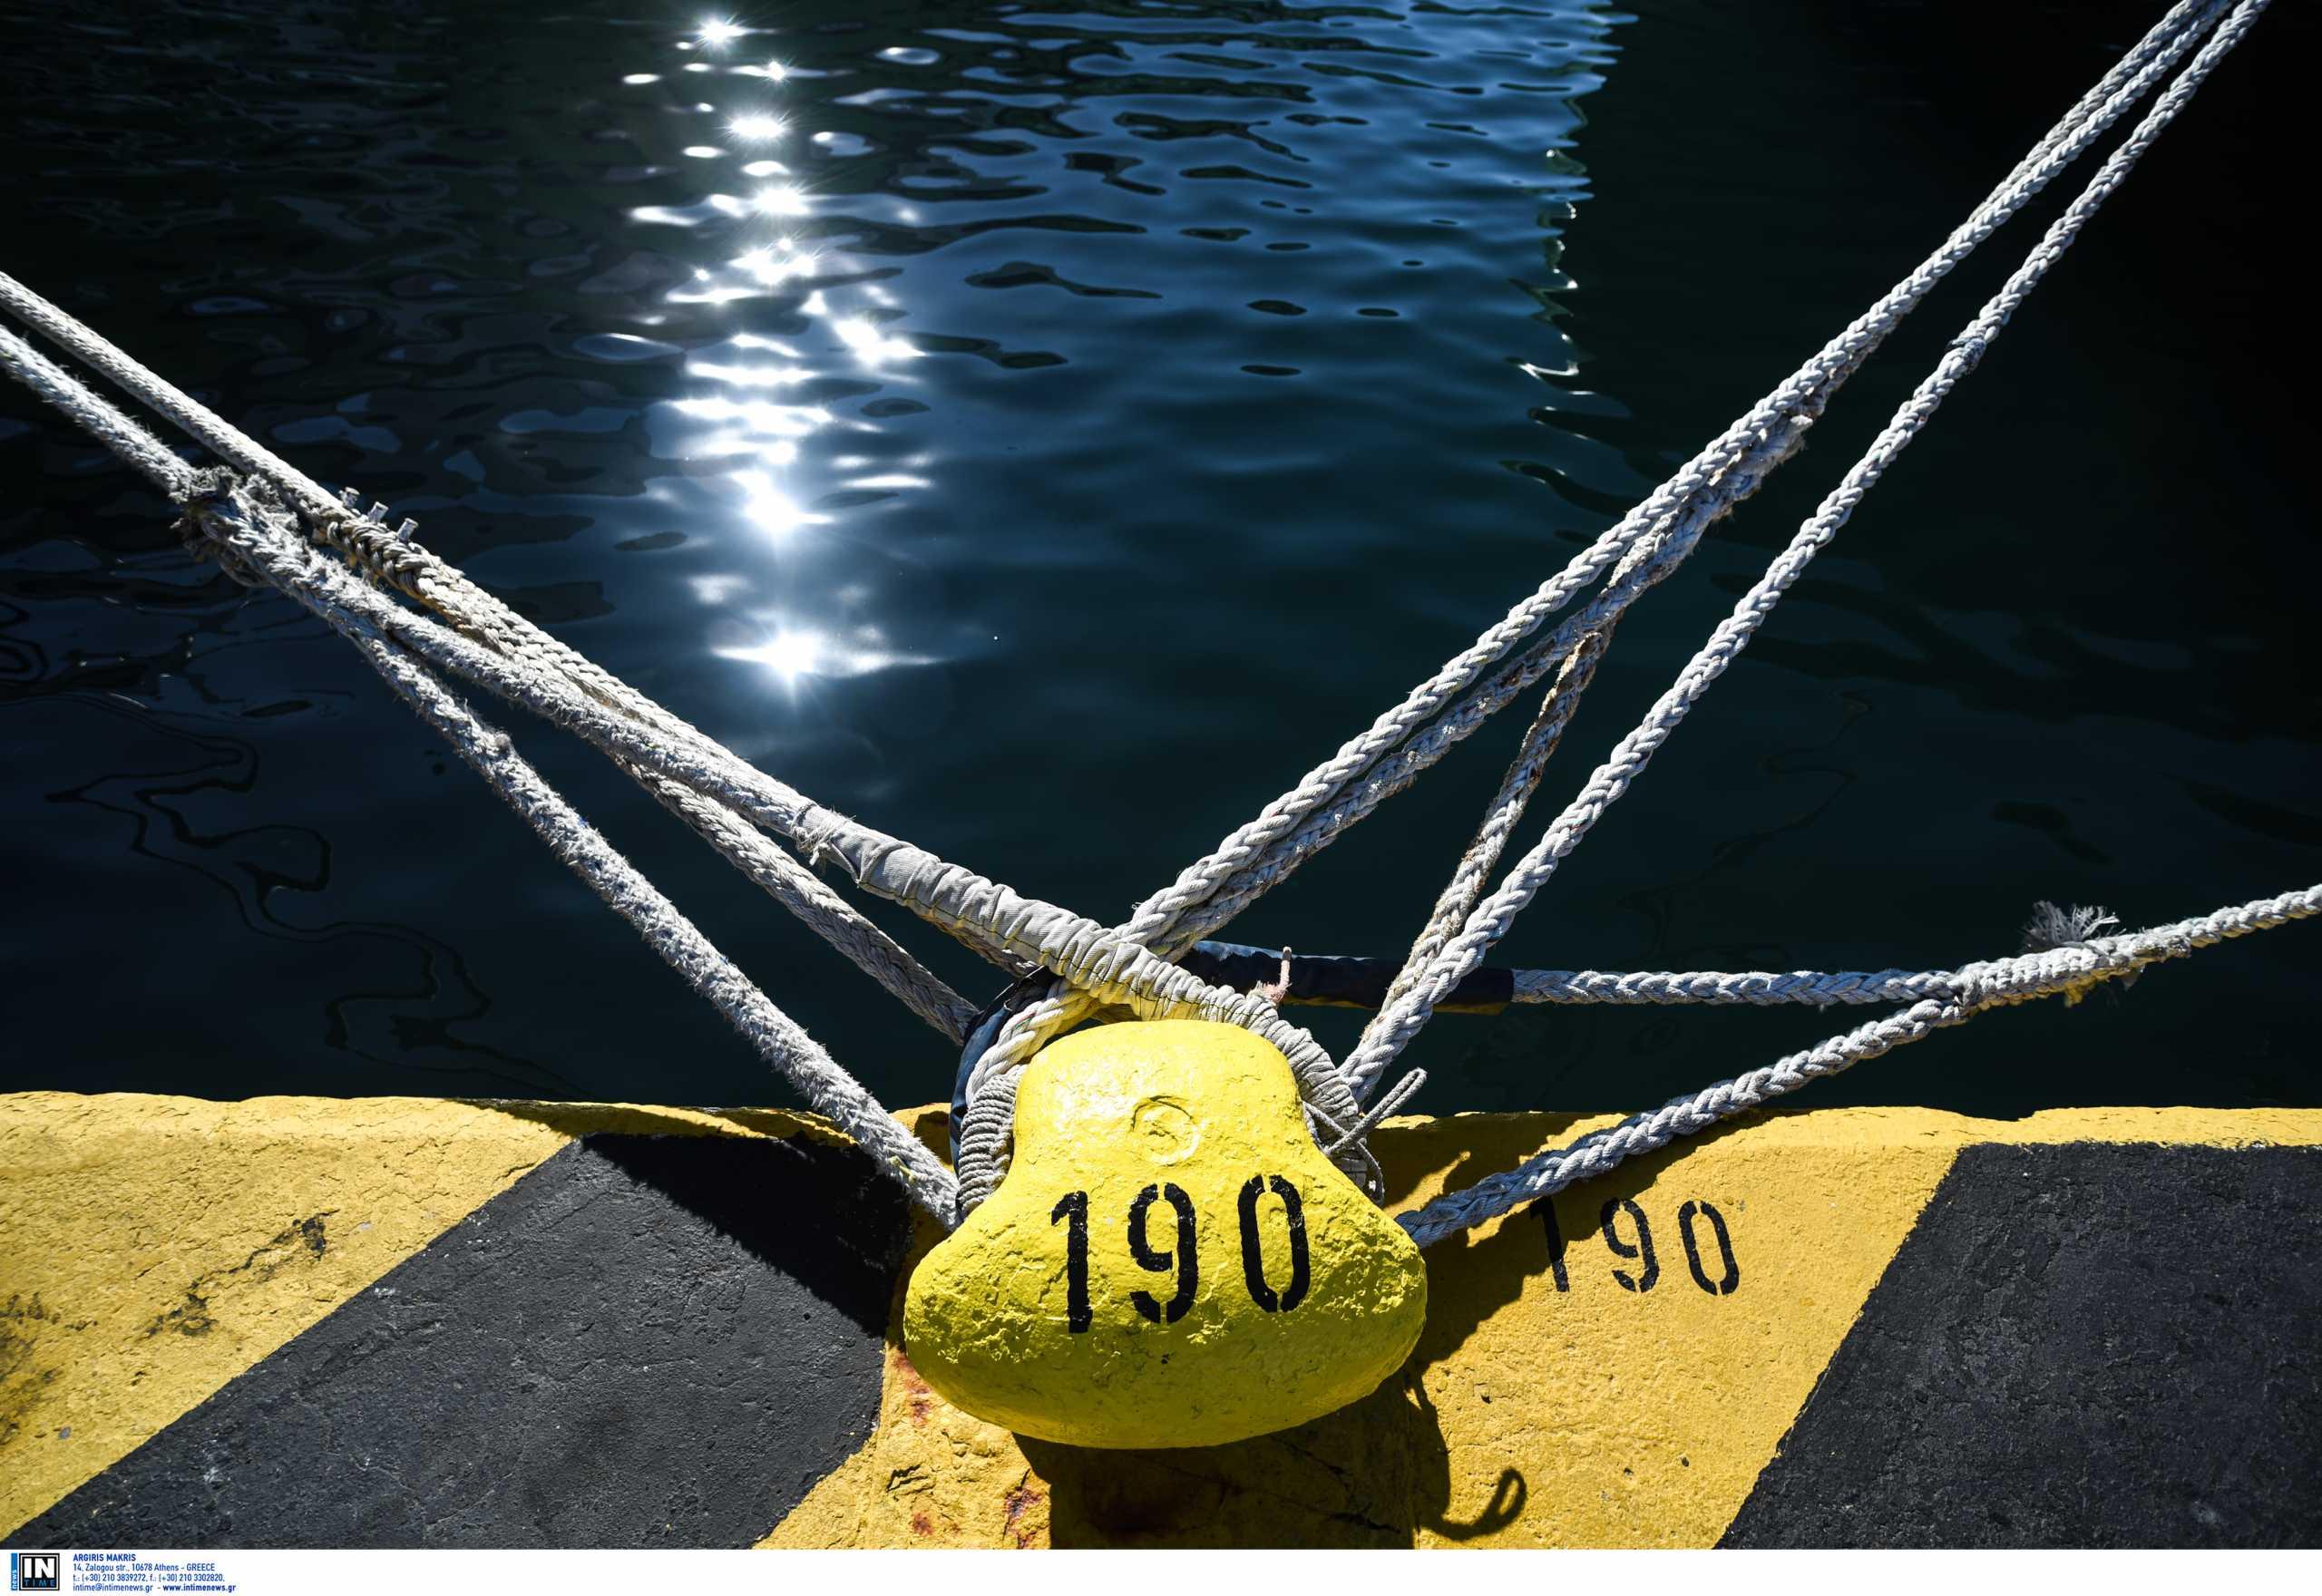 Χανιά: Ένα από τα δέματα στα ασυνόδευτα του πλοίου έκρυβε λαβράκι – Έτσι απέδωσε η παρακολούθηση